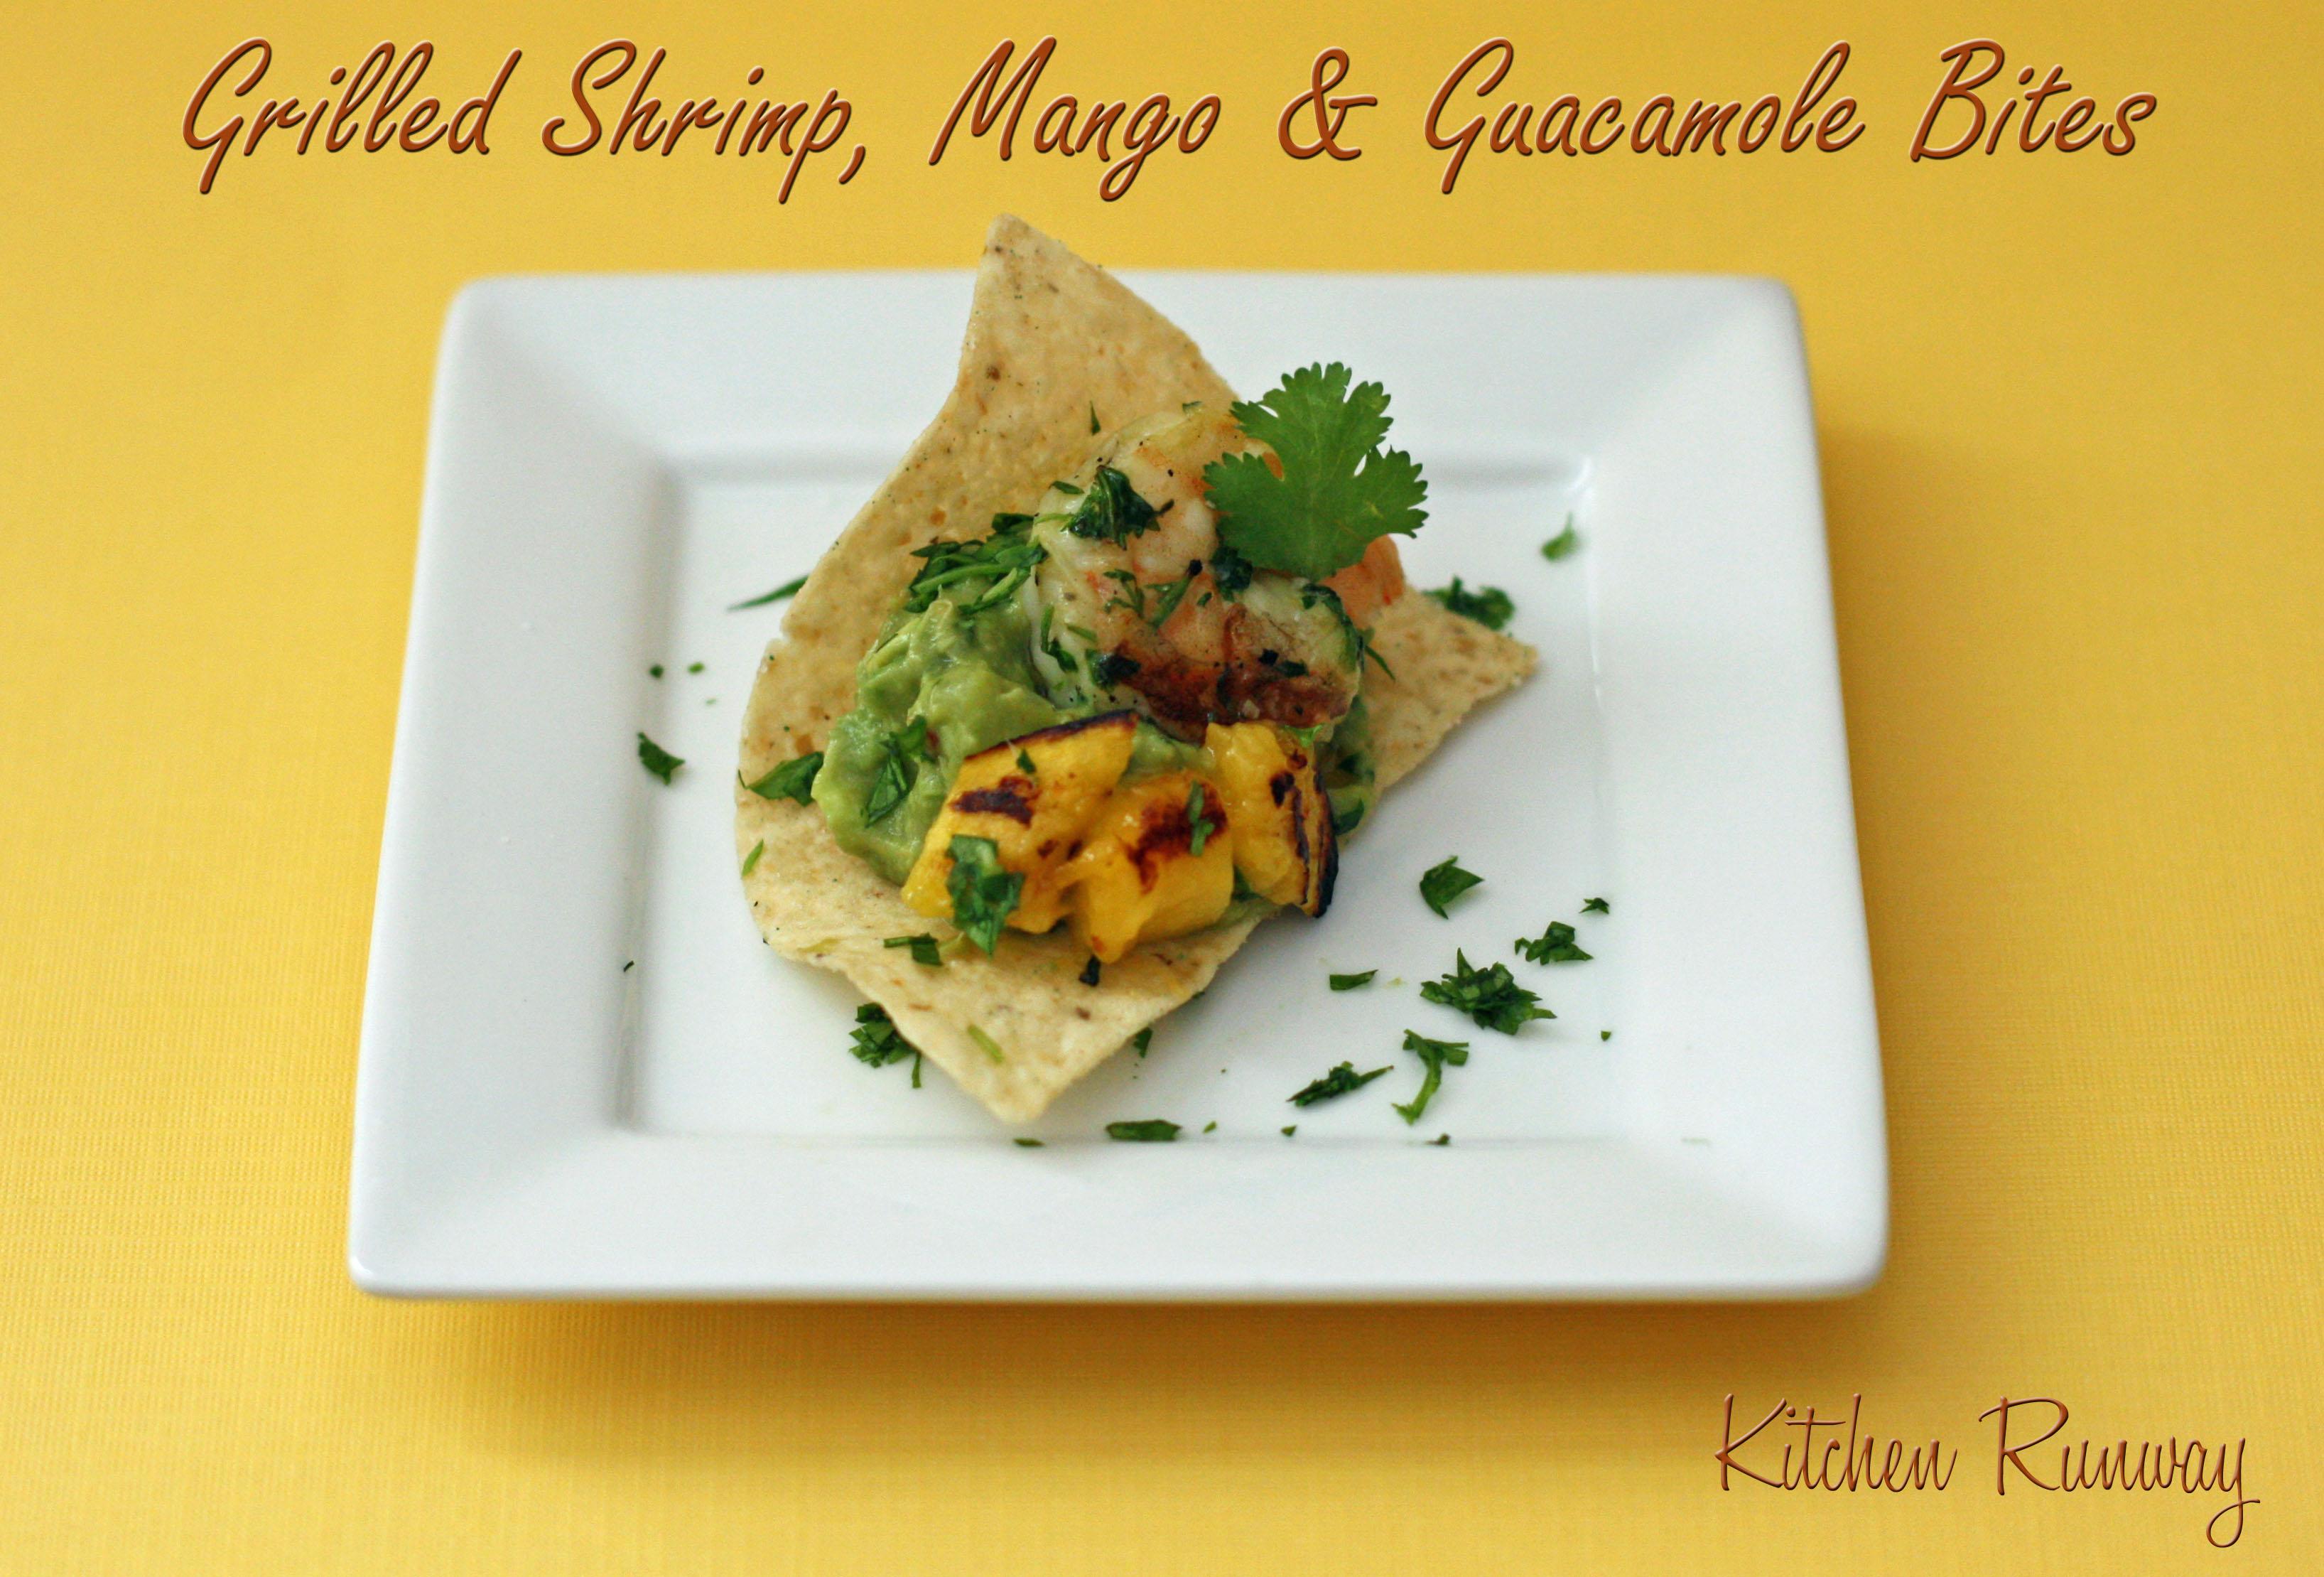 grilled shrimp, mango and guacamole bites